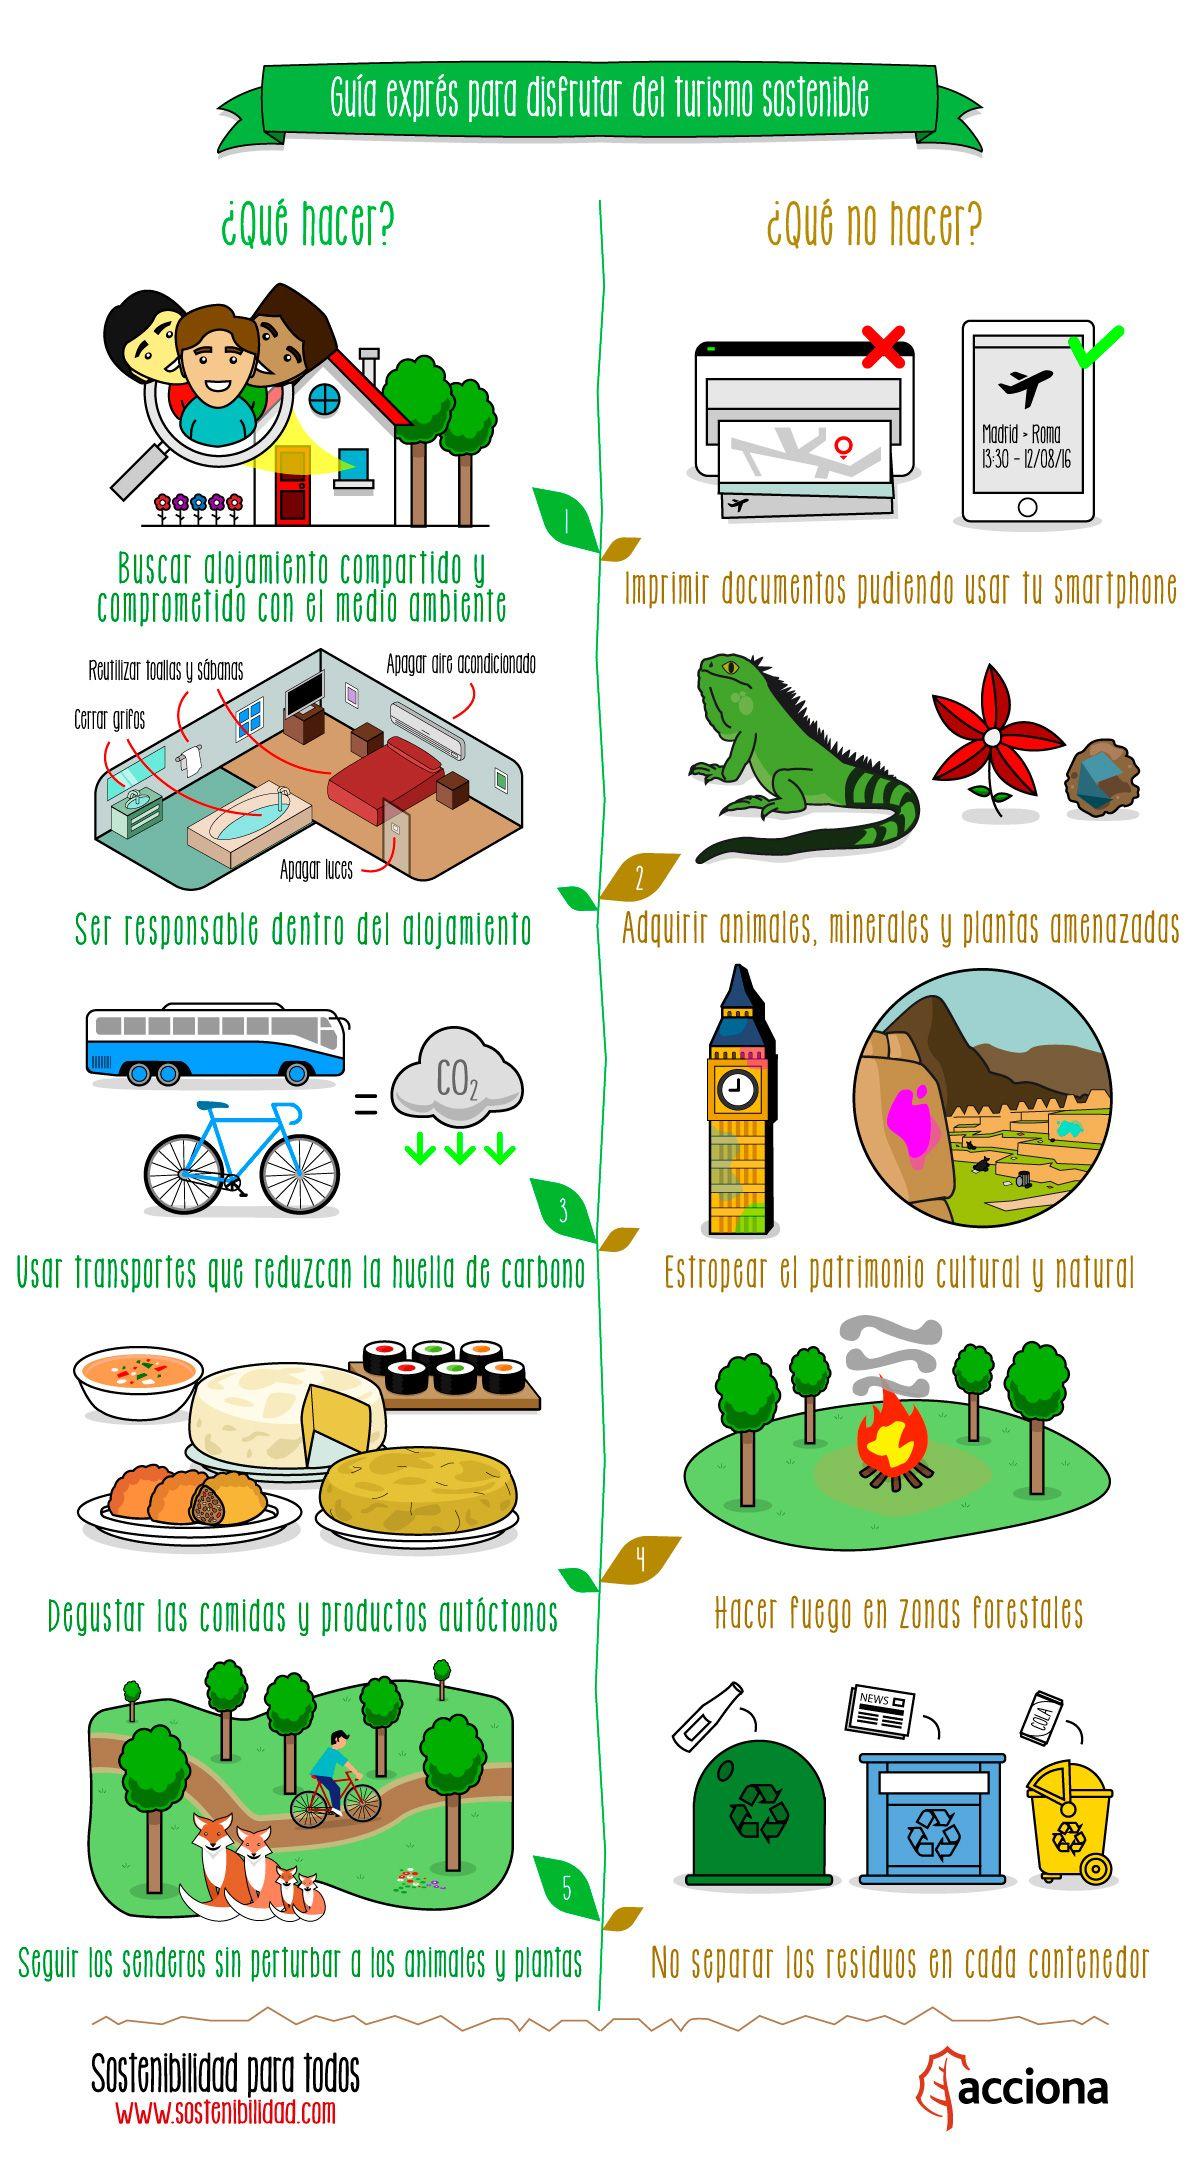 Guía para disfrutar del mejor turismo sostenible  3796d86bd11